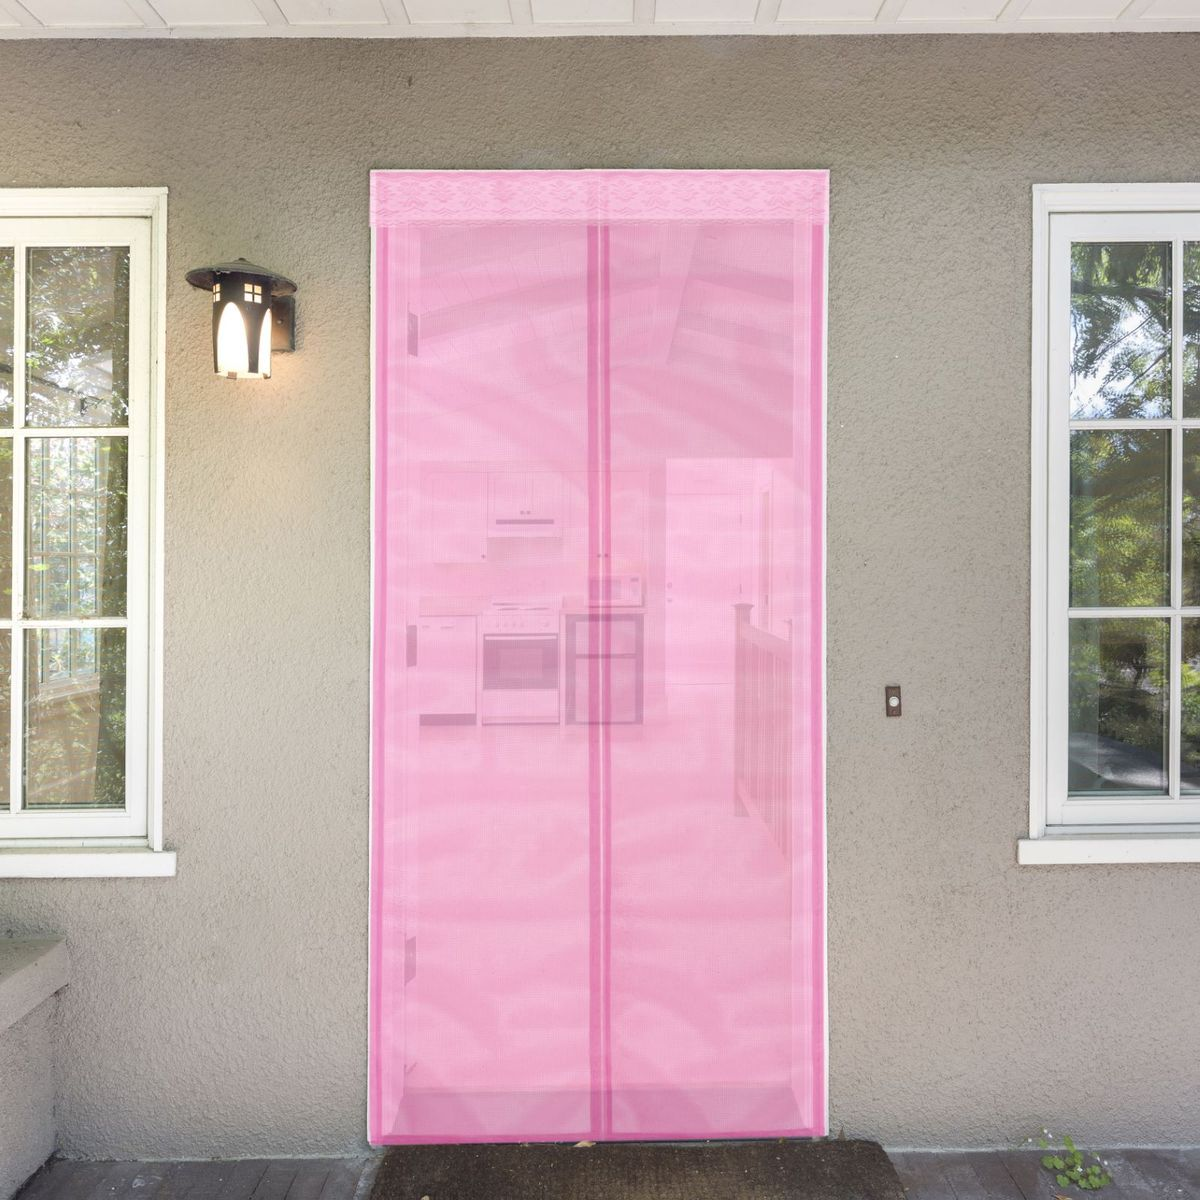 Сетка антимоскитная, на магнитной ленте, цвет: розовый, 80 х 210 см637928Занавес от насекомых на магнитной ленте универсален в использовании: подвесьте его при входе в садовый дом или балкон, чтобы предотвратить попадание комаров внутрь жилища. Наслаждайтесь свежим воздухом без компании надоедливых насекомых! Чтобы зафиксировать занавес в дверном проеме, достаточно закрепить занавеску по периметру двери с помощью кнопок, идущих в комплекте. Принцип действия занавеса предельно прост: каждый раз, когда вы будете проходить сквозь шторы, они автоматически «захлопнутся» за вами благодаря магнитам, расположенным по всей его длине.